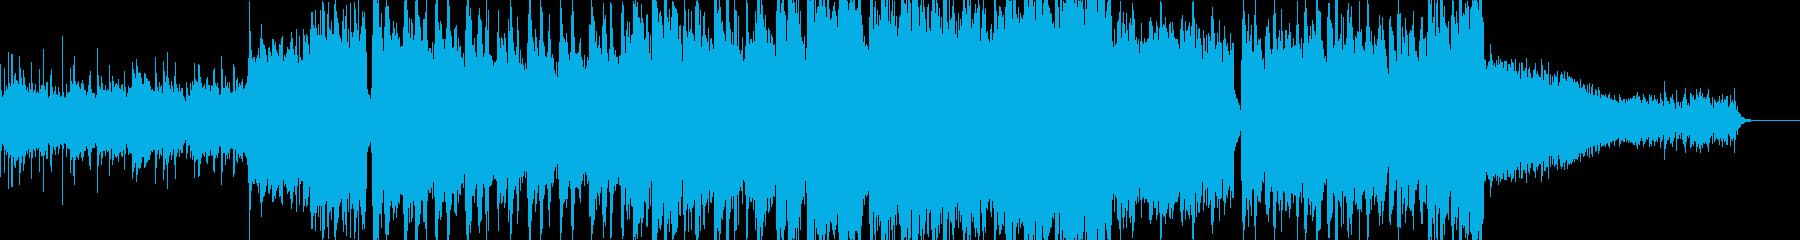 【ベース無し・ドラム無し】エピッ…緊迫の再生済みの波形